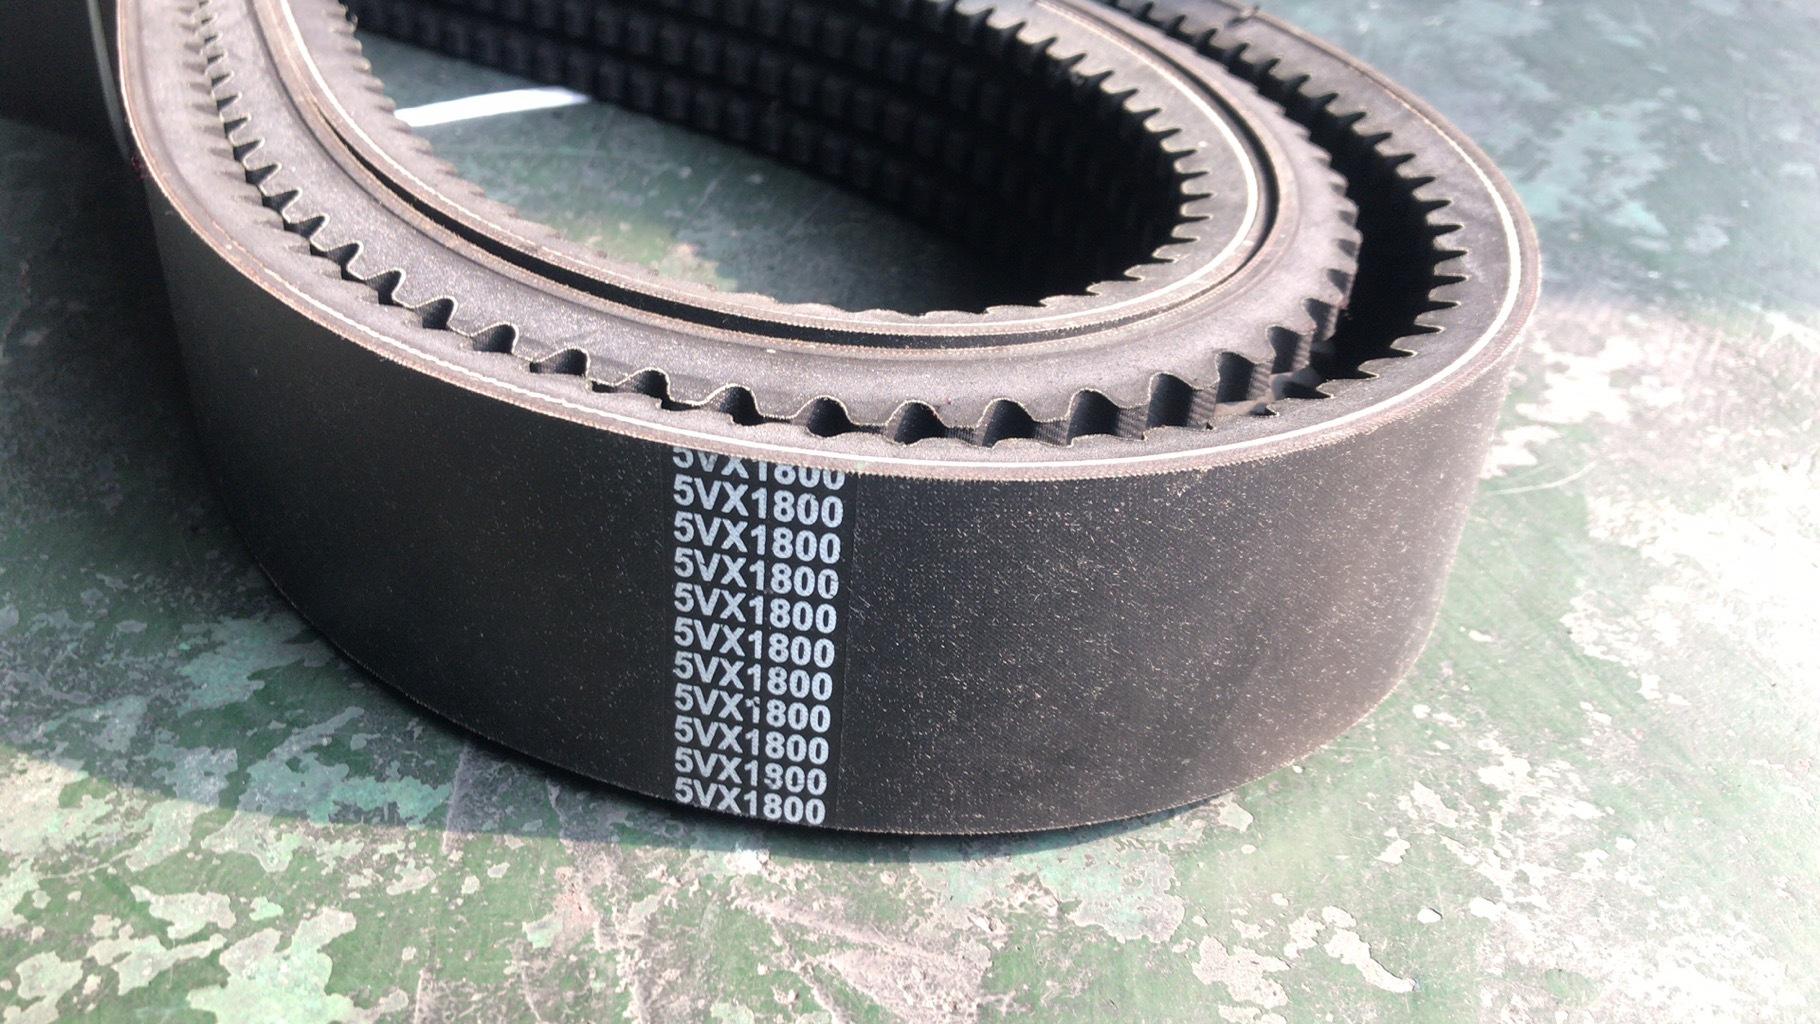 MILLEBELT Dây curoa Vành đai Liên minh Công nghiệp 5VX1800